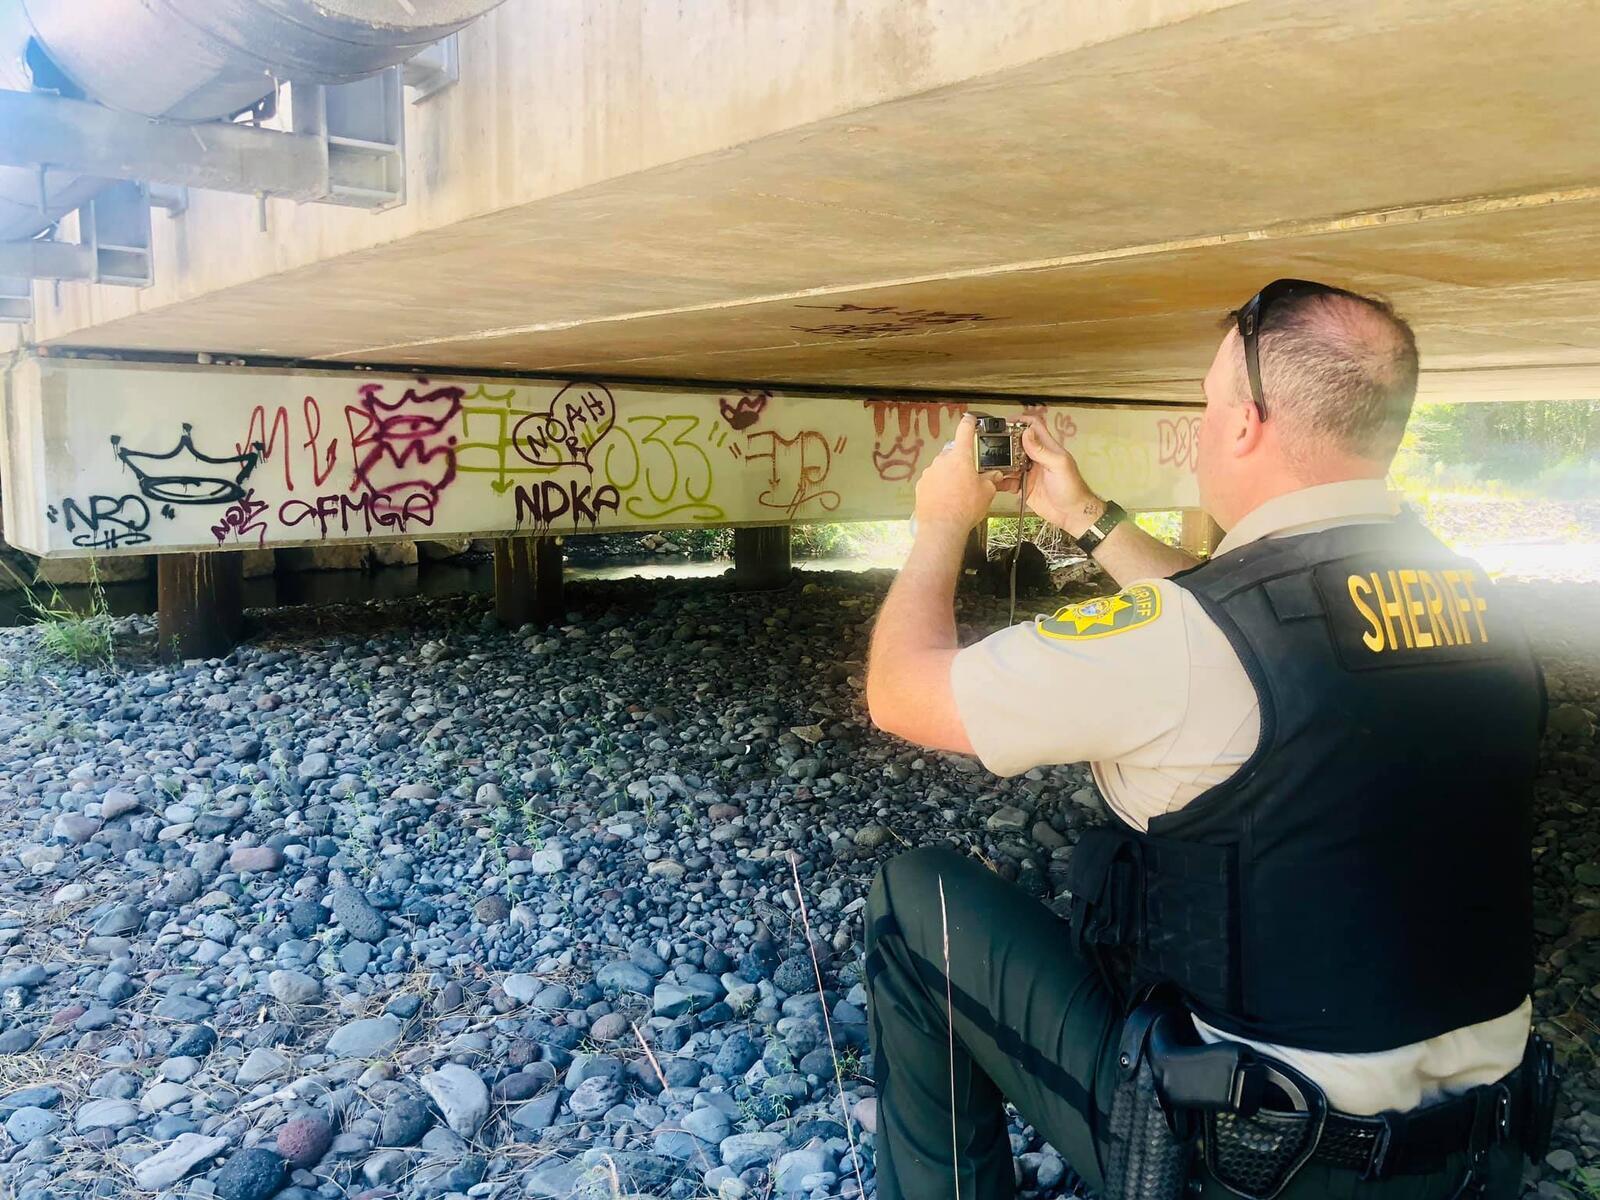 Sisters Area Graffiti Investigation (Deschutes County